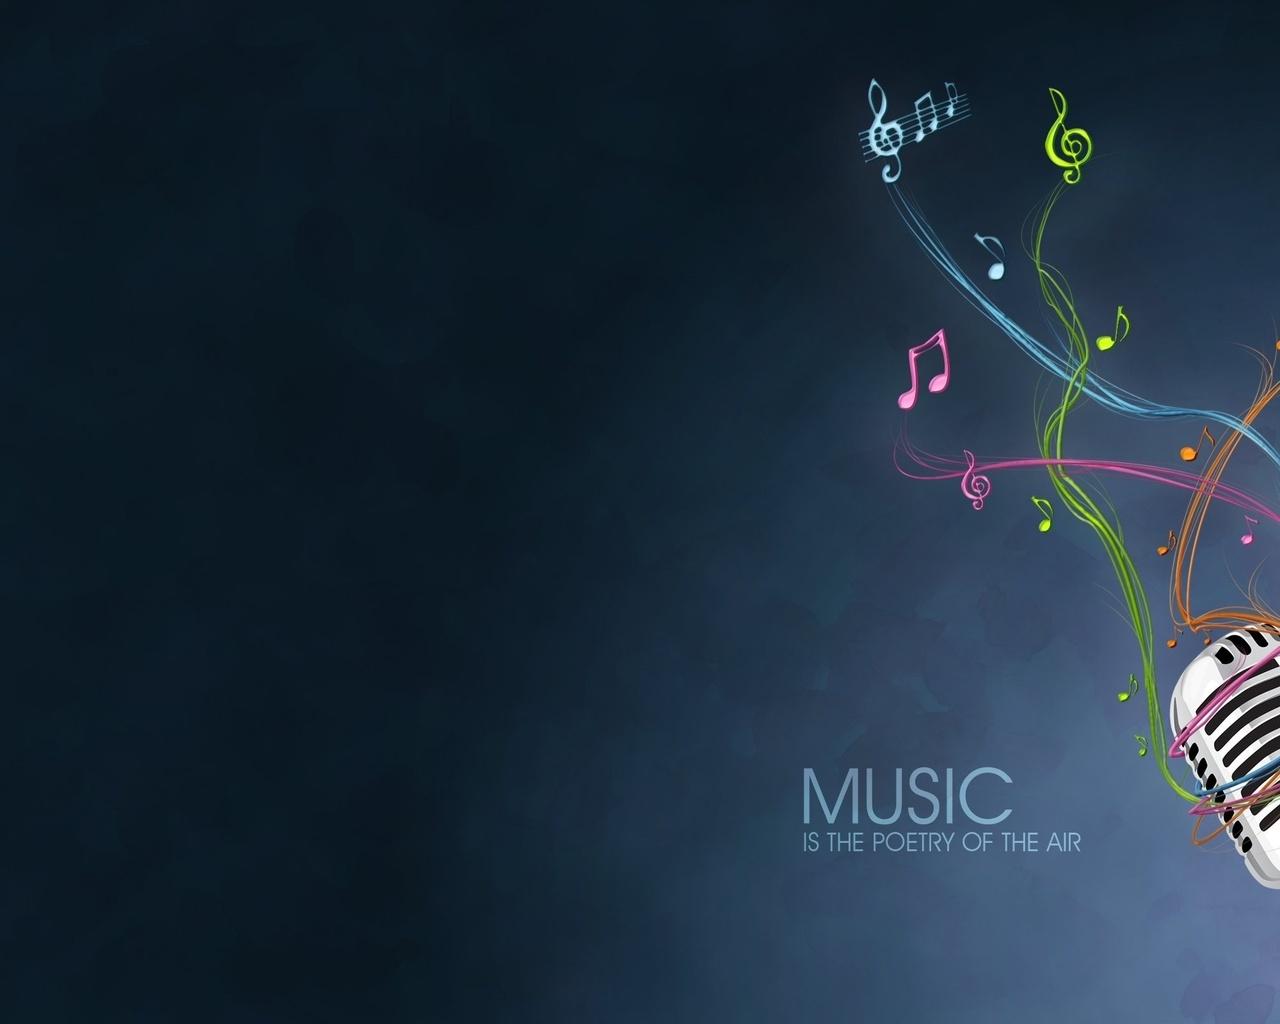 muziek achtergrond  muziek achtergrond 28520352  Fanpop